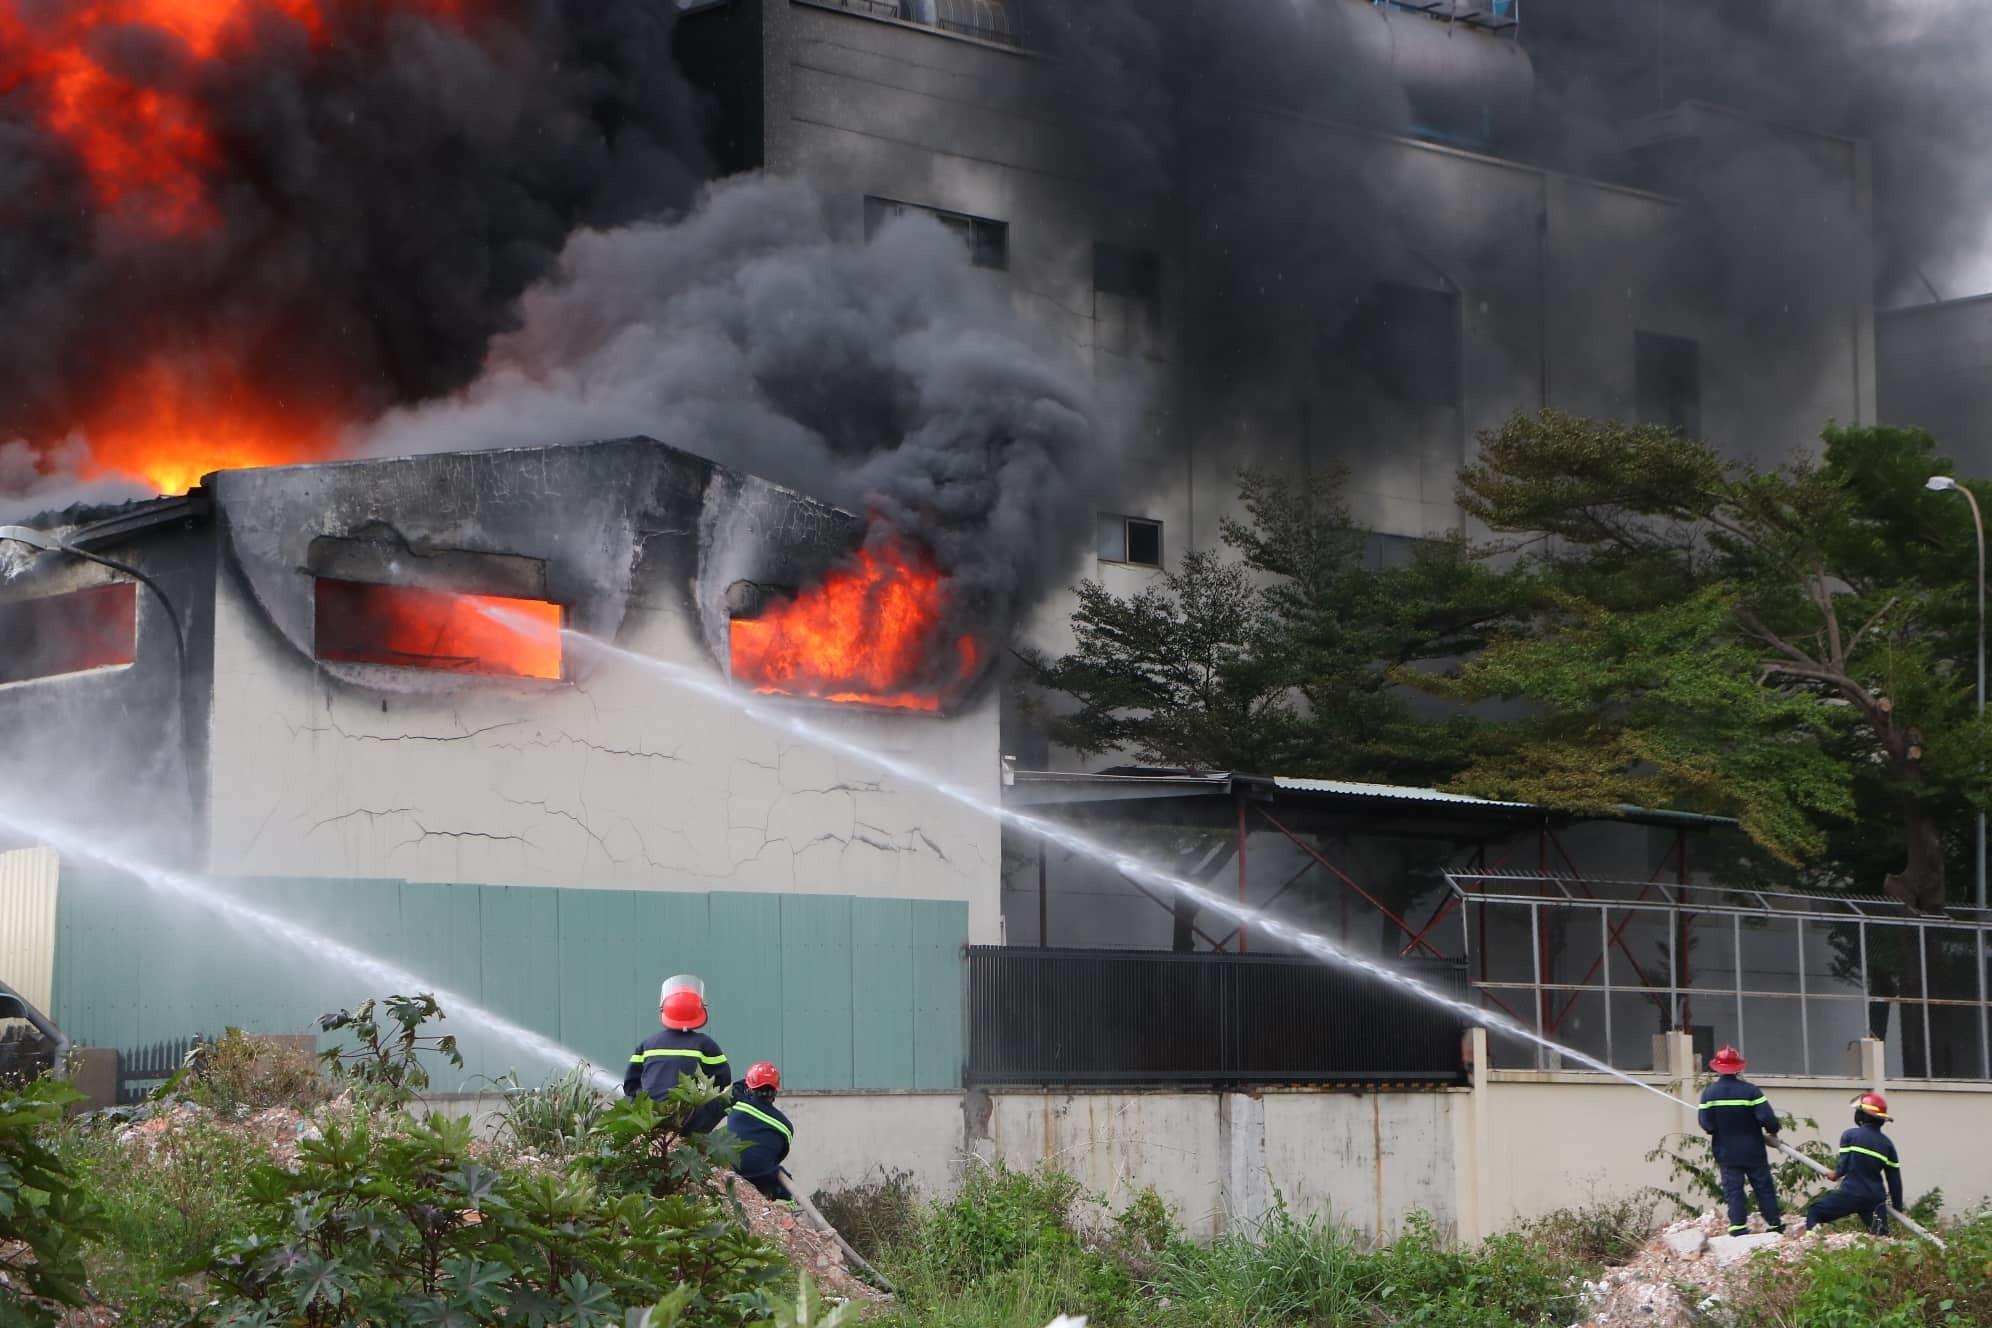 Bình Dương: Công ty băng keo rộng hàng ngàn mét vuông cháy khủng khiếp, công nhân tháo chạy thục mạng-2